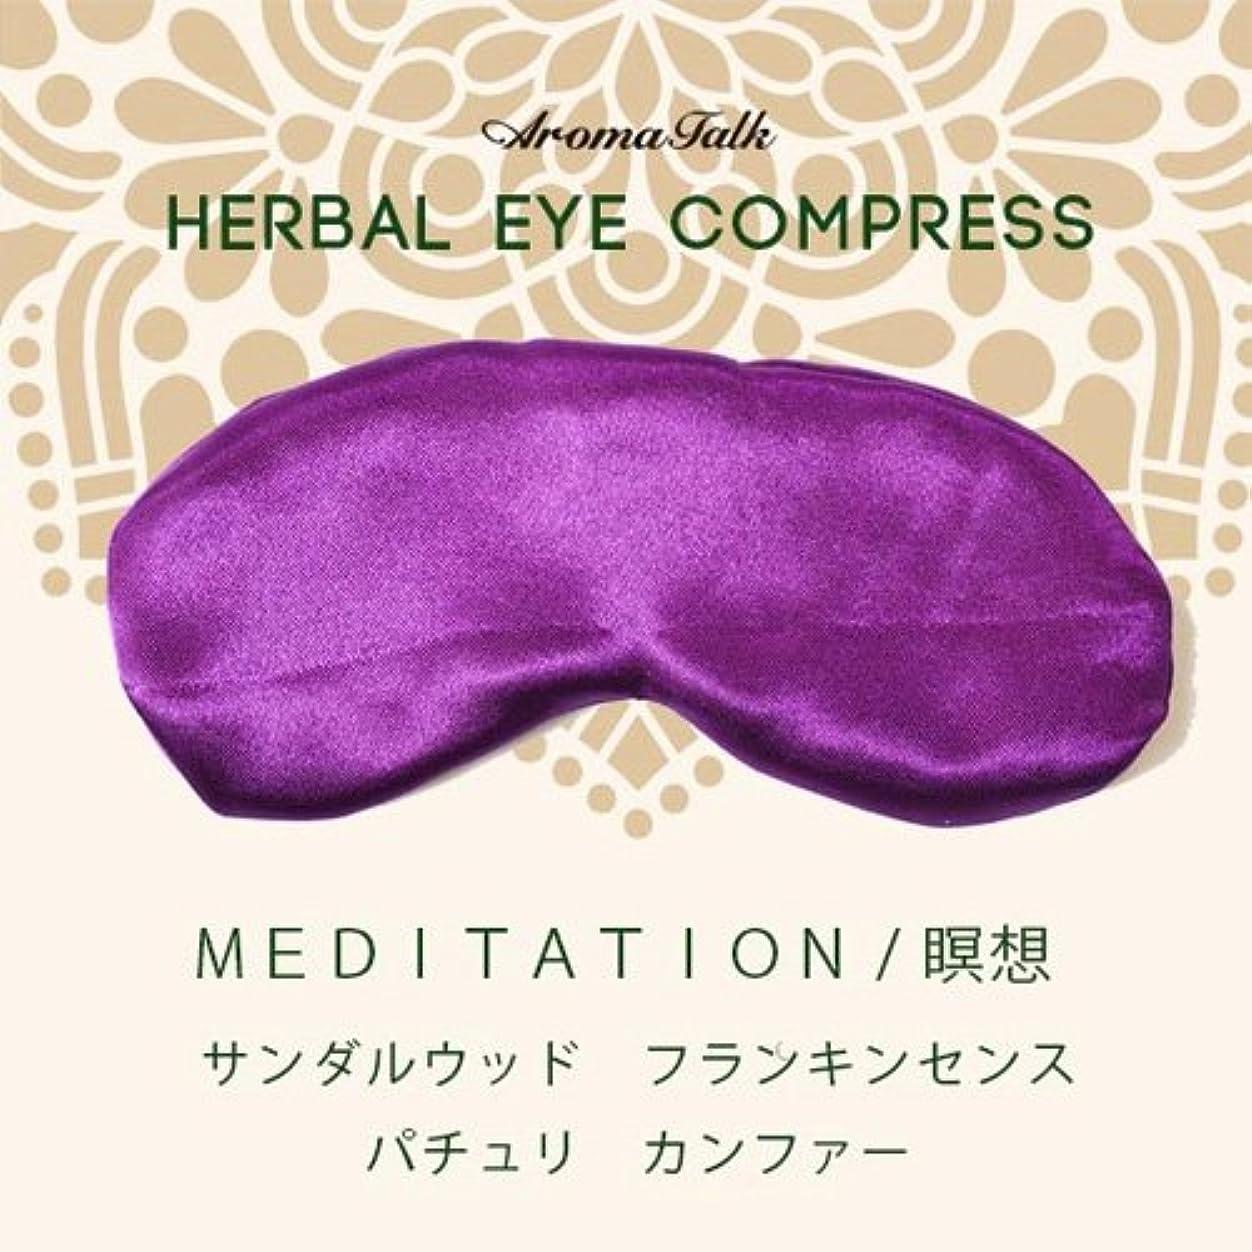 葉巻宣言サミュエルハーバルアイコンプレス「メディテイション 瞑想」紫/禅をイメージしたウッド系の香り